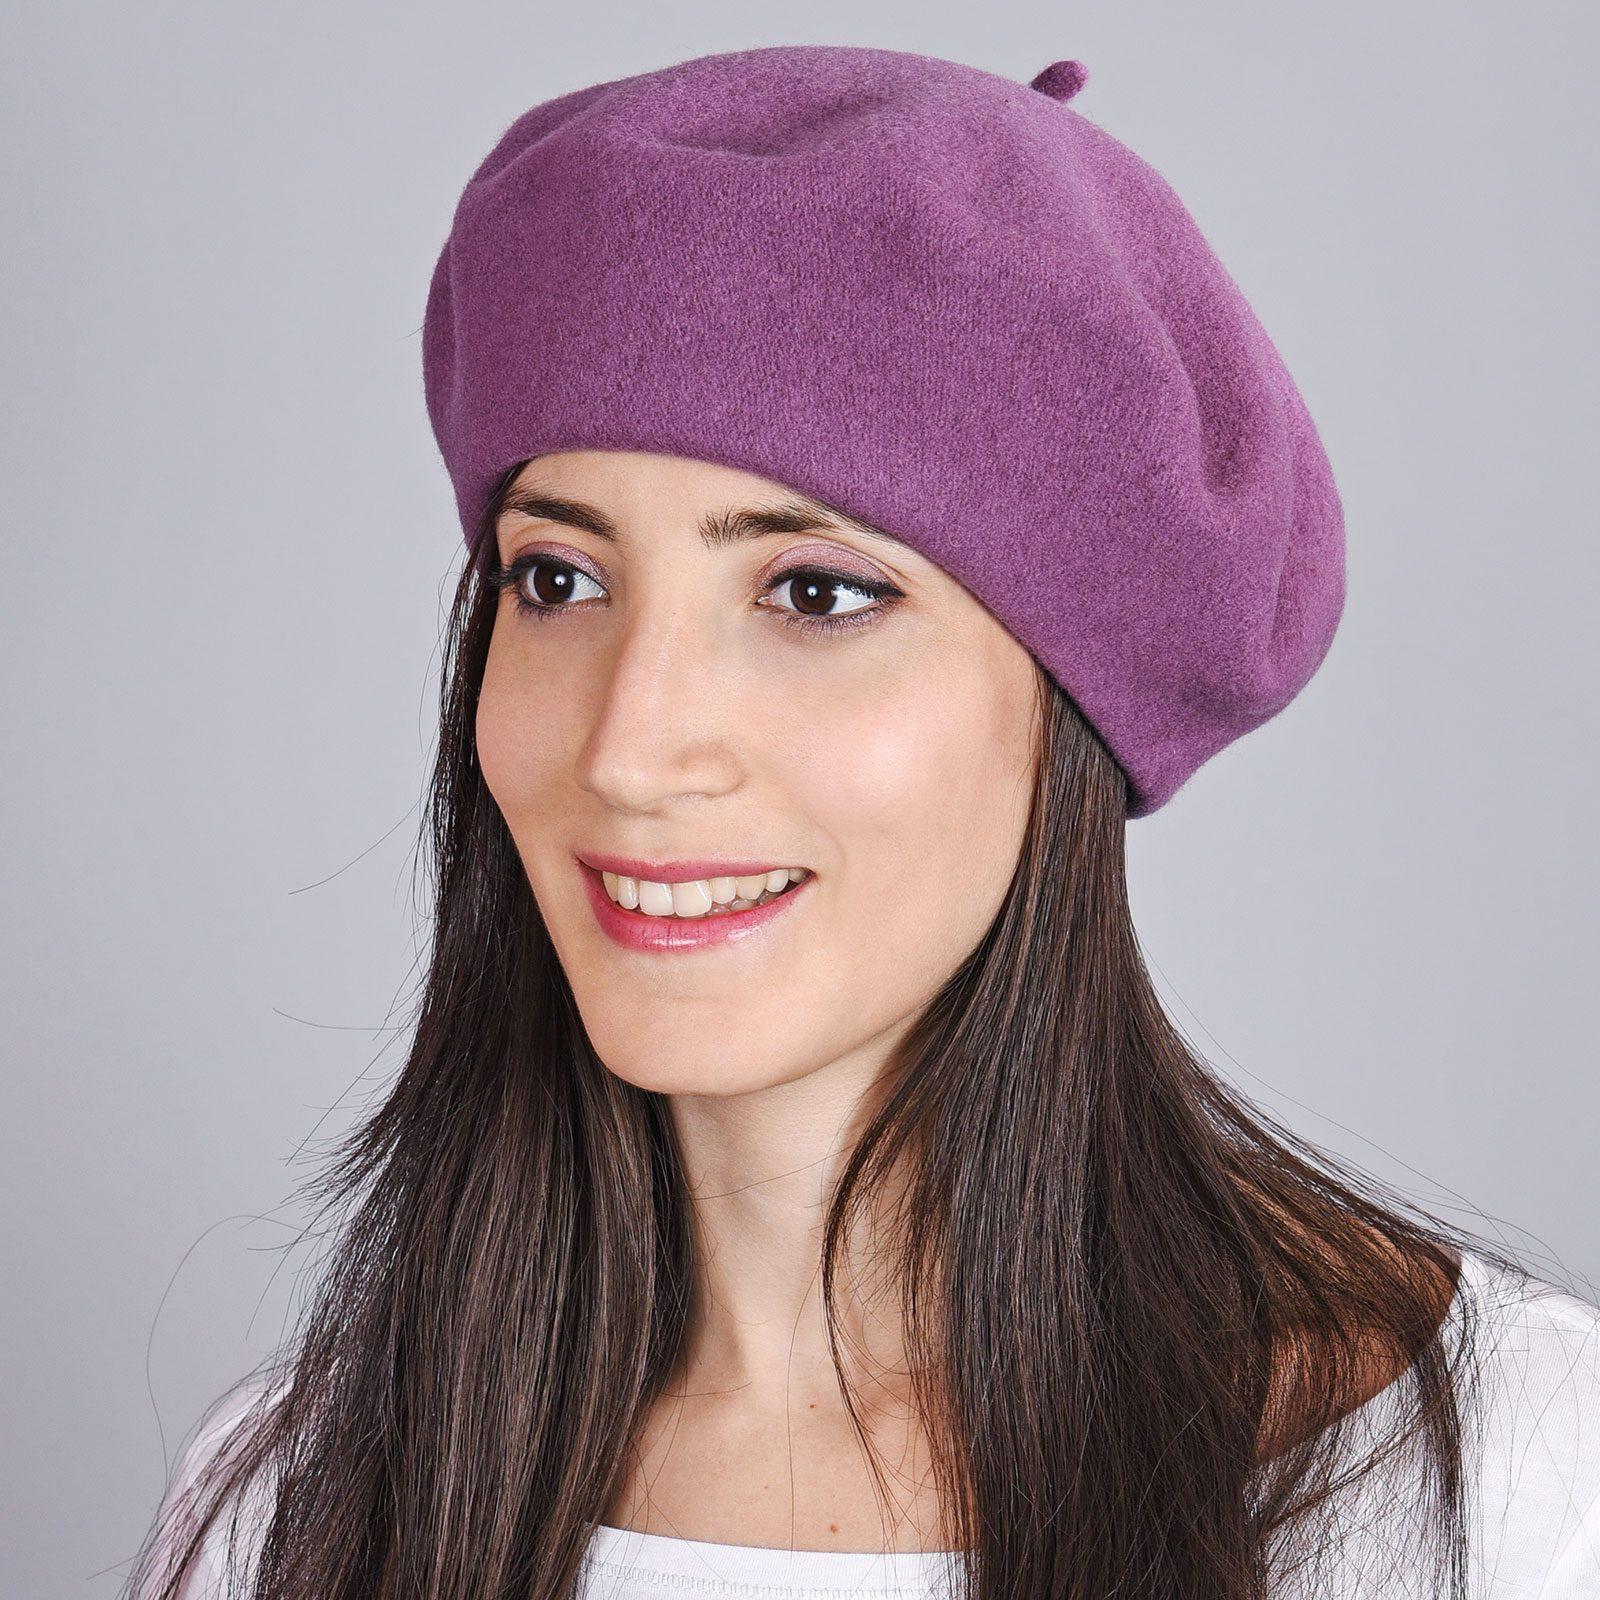 http://lookbook.allee-du-foulard.fr/wp-content/uploads/2018/11/CP-00994-VF16-2-beret-femme-violet-lilas-1600x1600.jpg